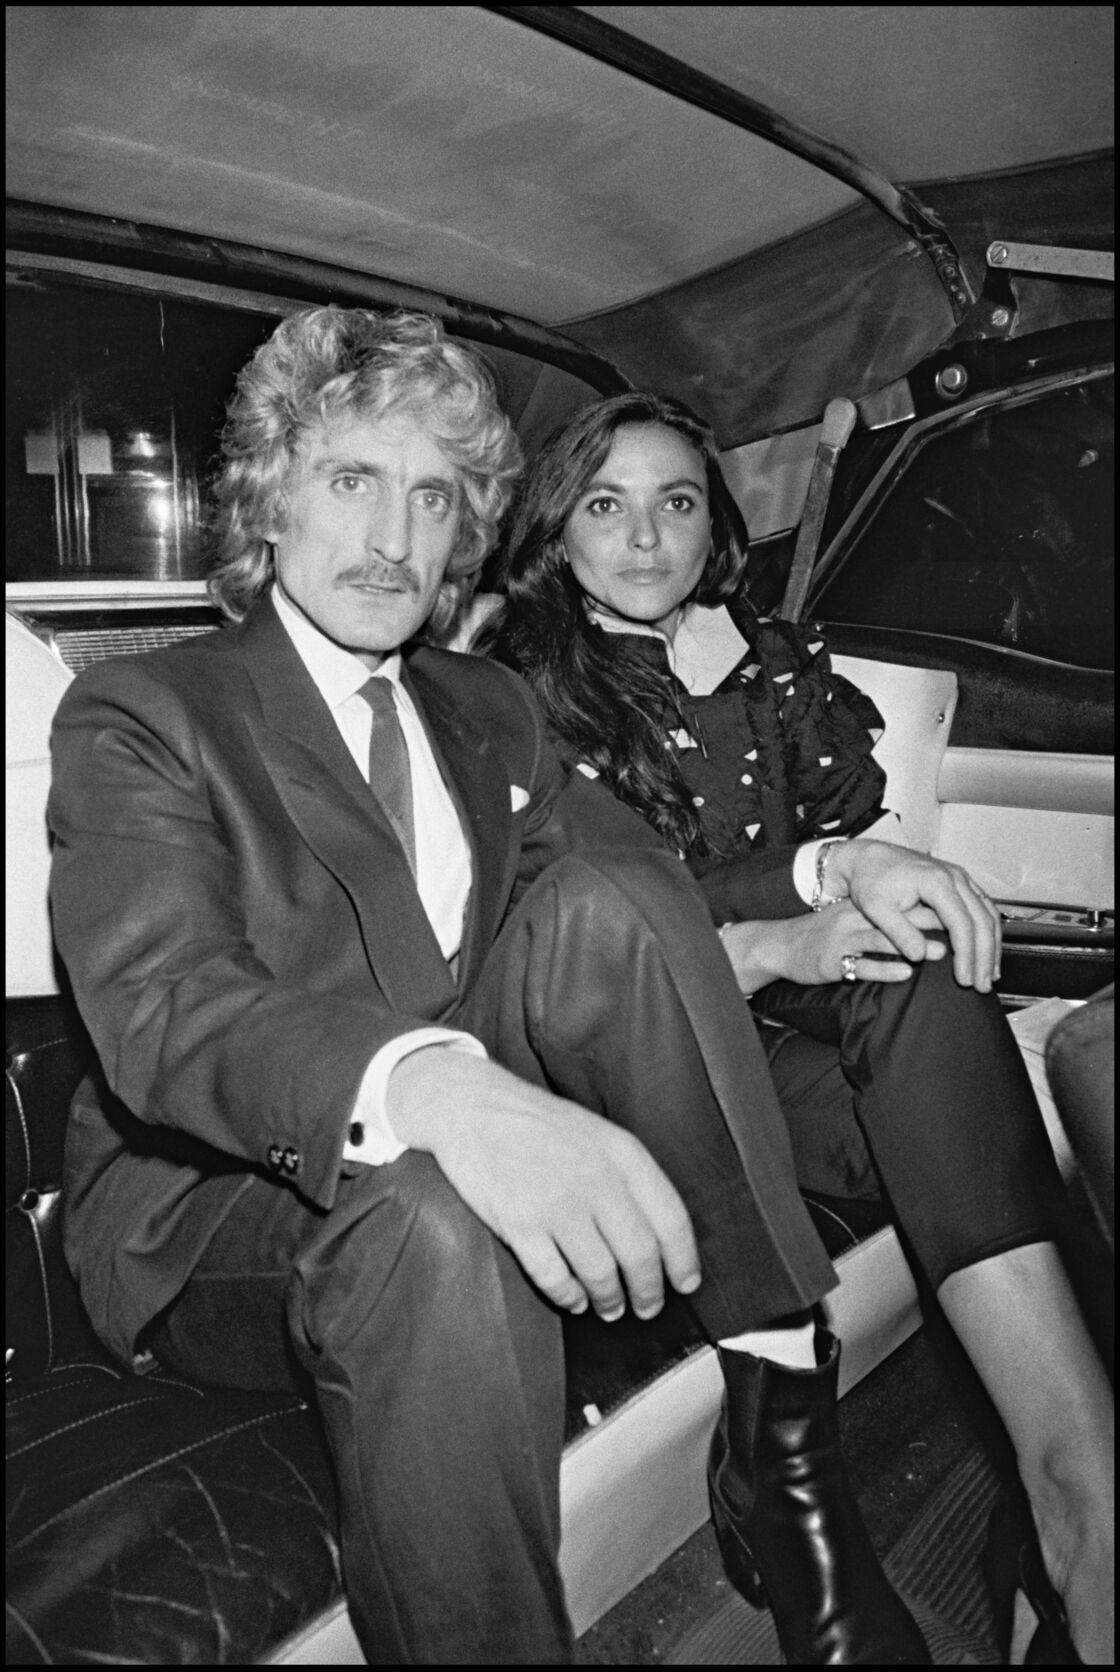 Christophe et sa femme Véronique Bevilacqua, dans les années 1980.